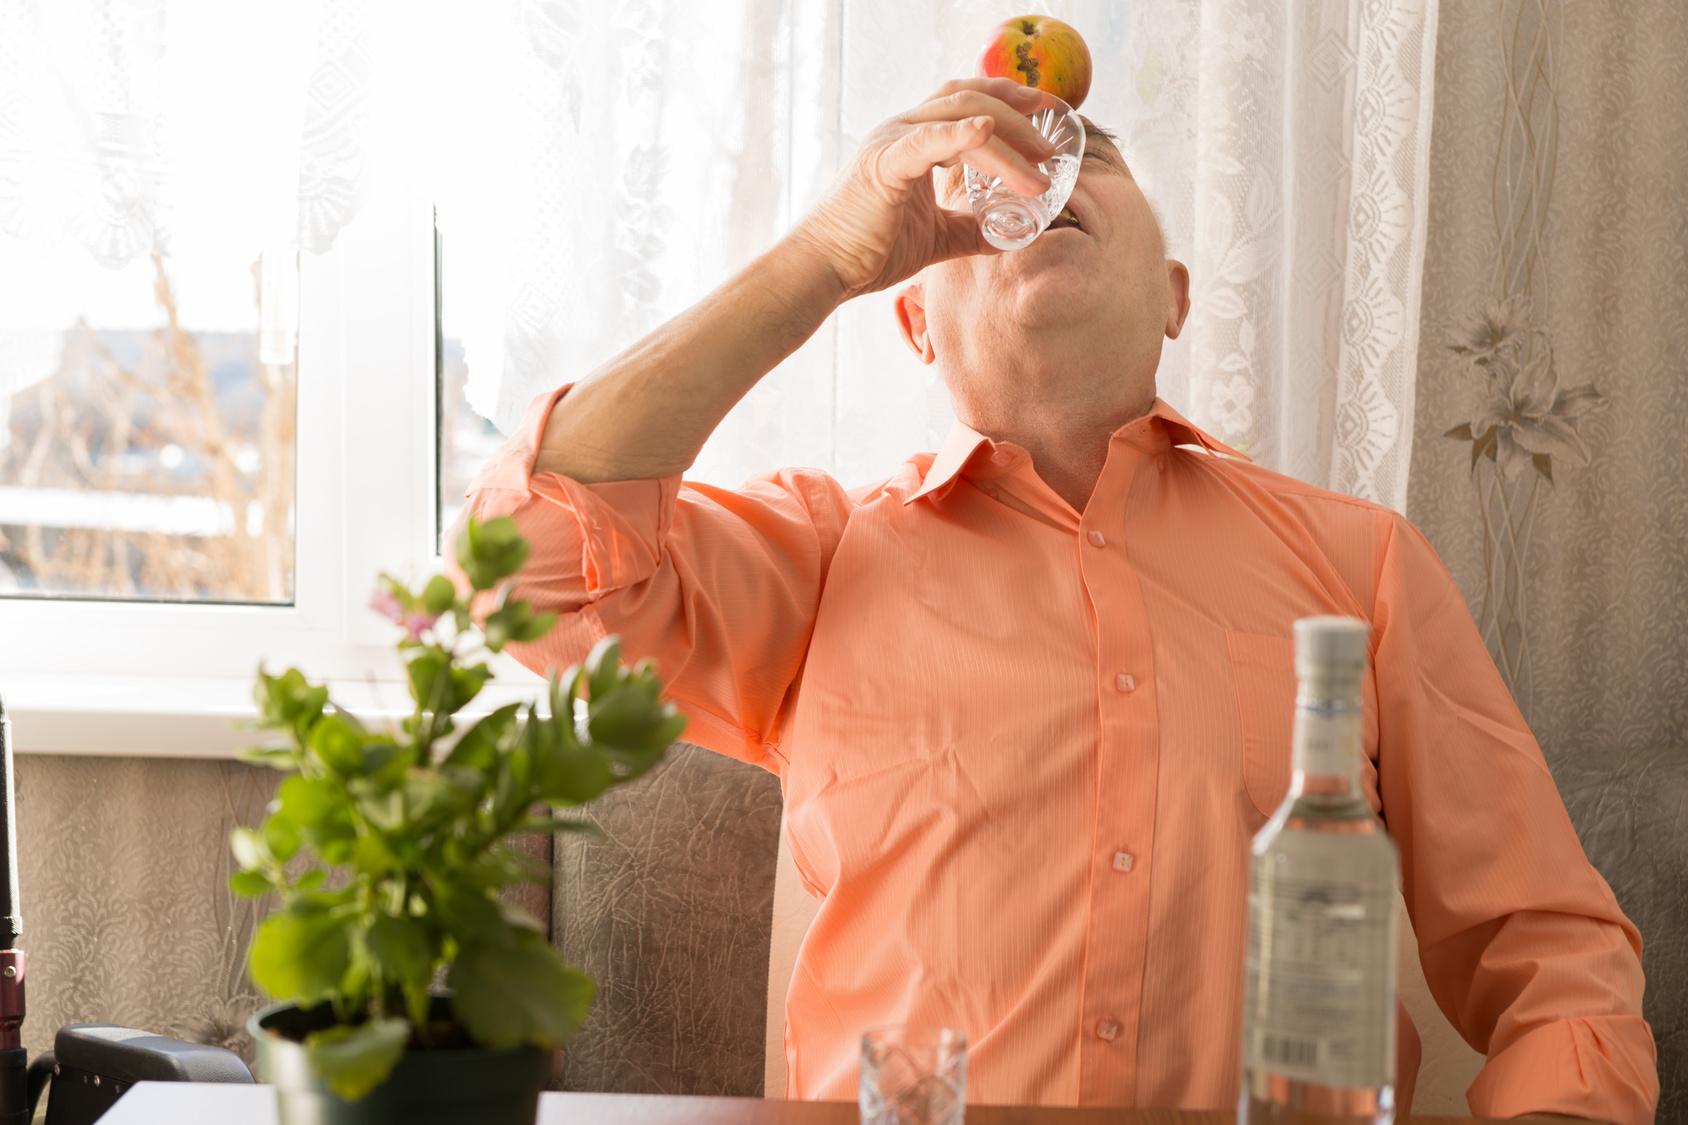 Муж не дает деньги сам пьет